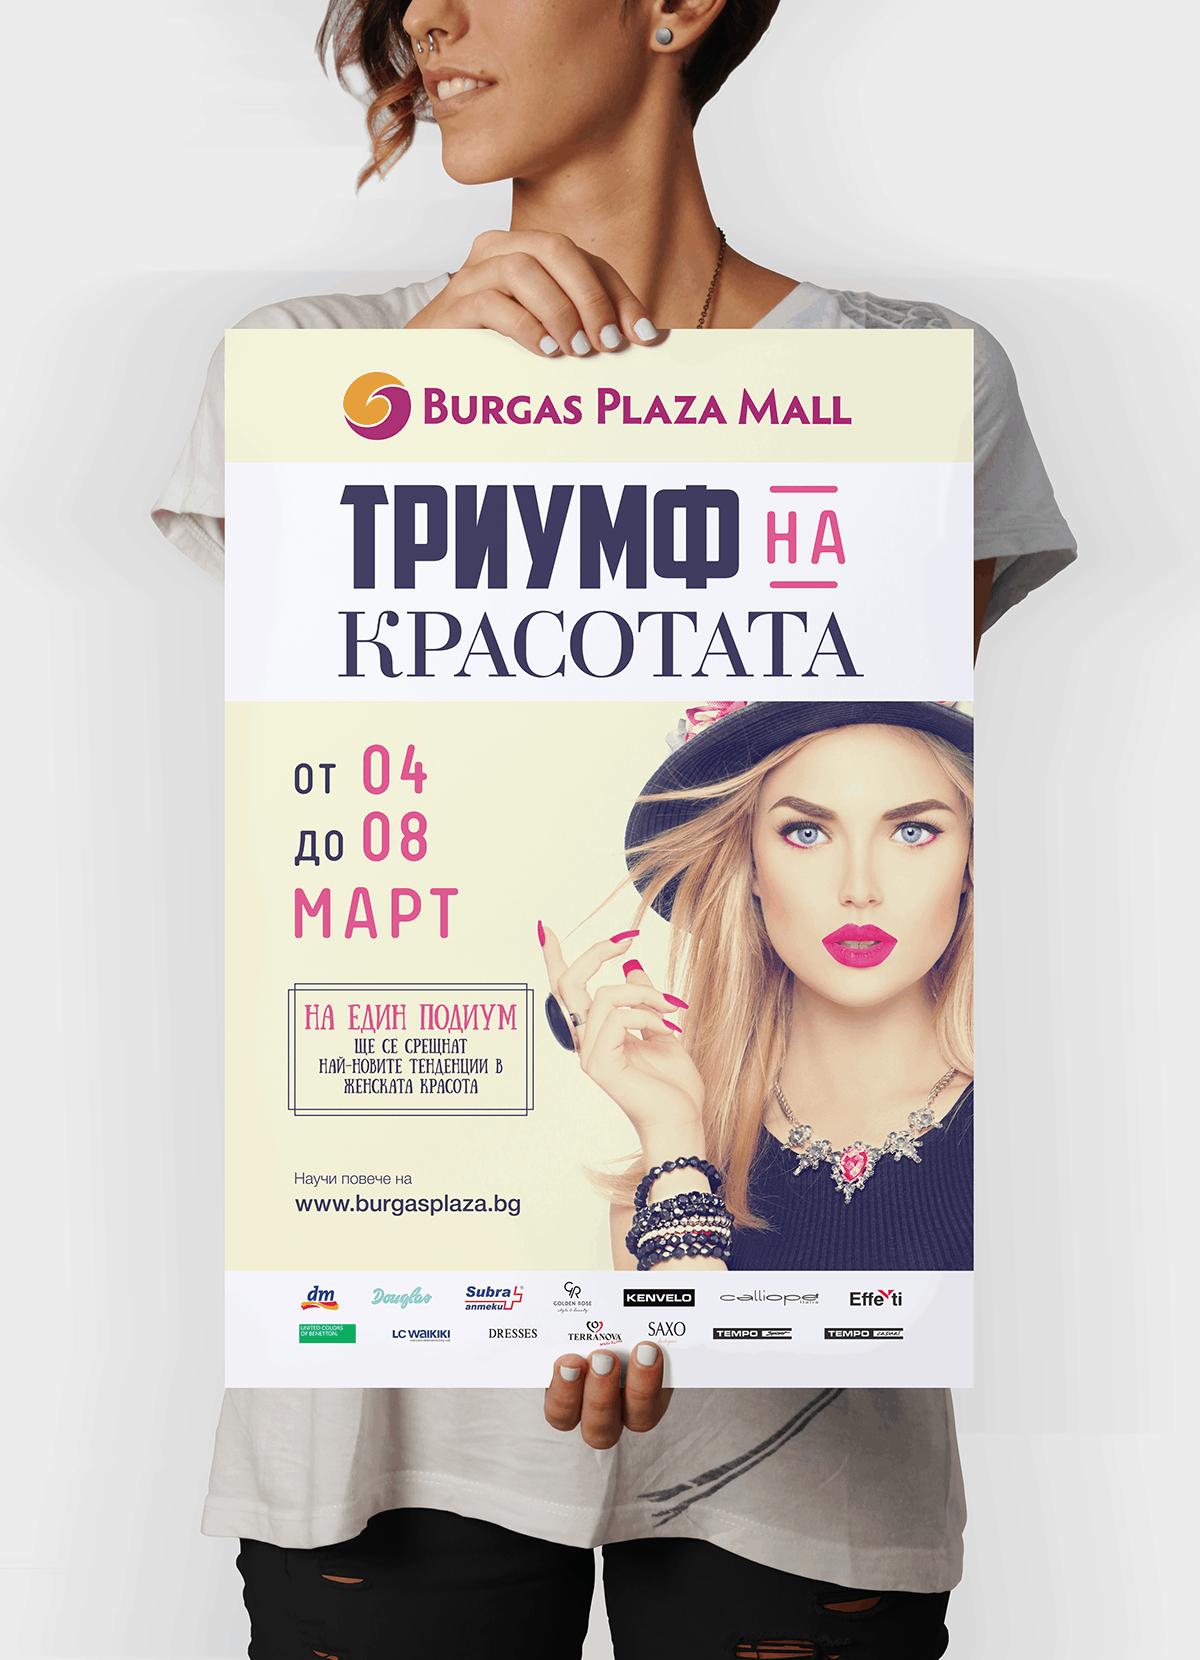 цялостен дизайн на рекламни кампании за магазини молове и търговски центрове, плакати, банери, визии и сайтове, онлайн маркетинг от Muse Creativity плакати